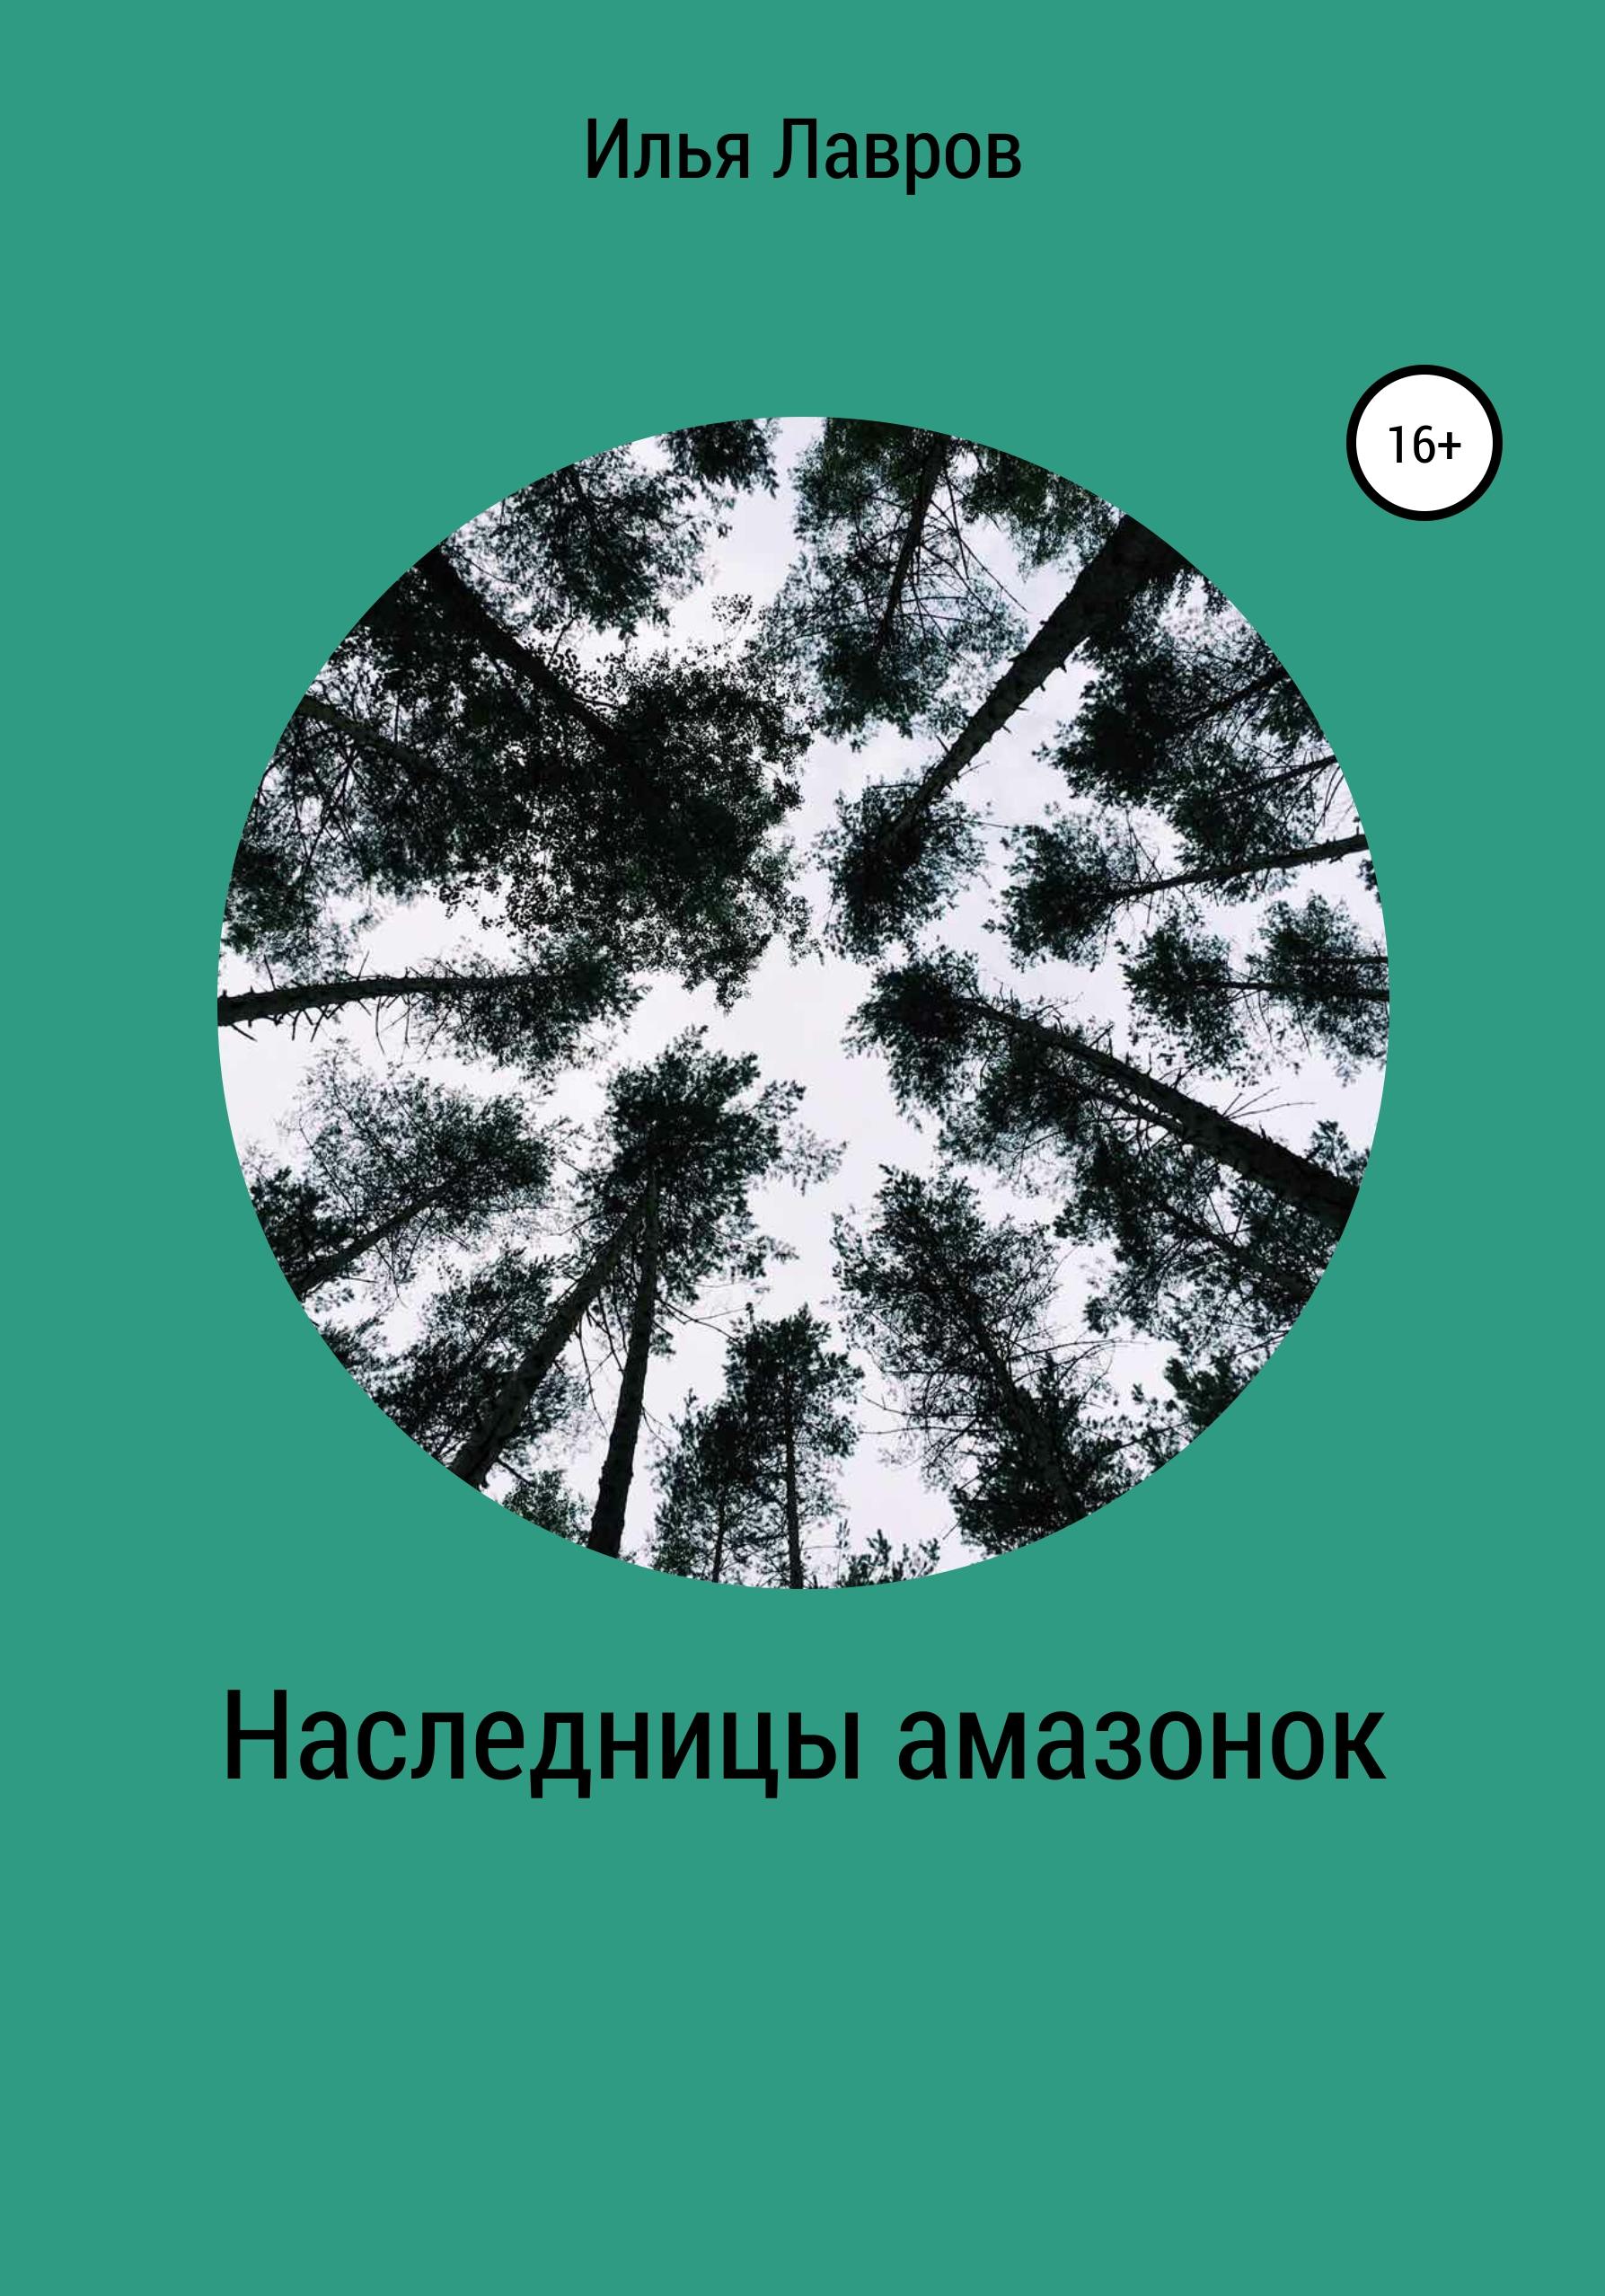 Купить книгу Наследницы амазонок, автора Ильи Лаврова